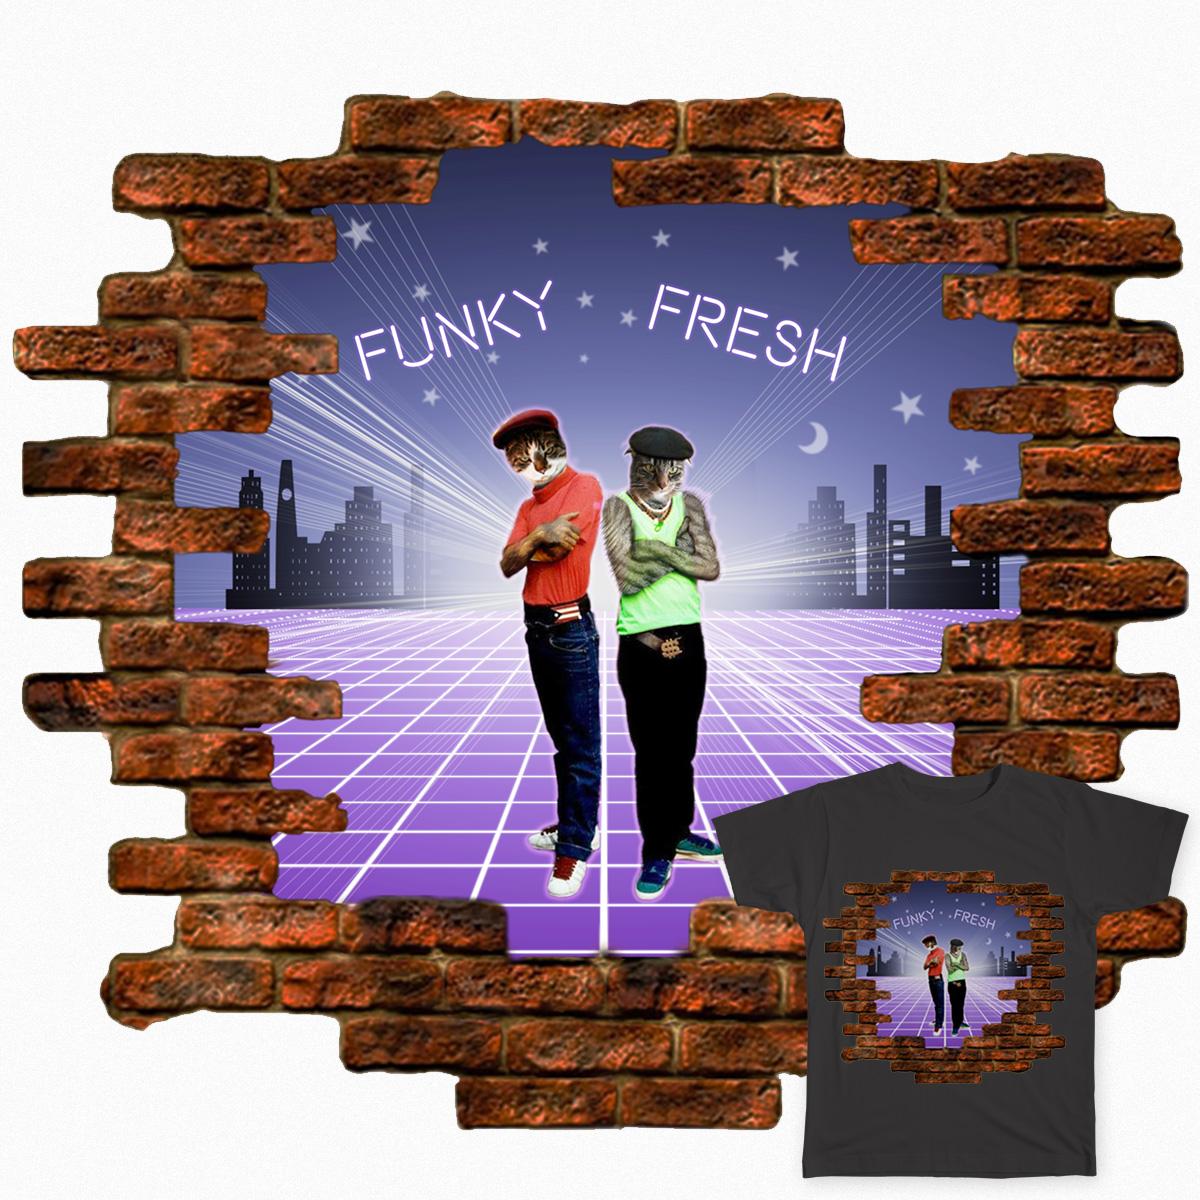 FunkyFresh_Brickwall.jpg